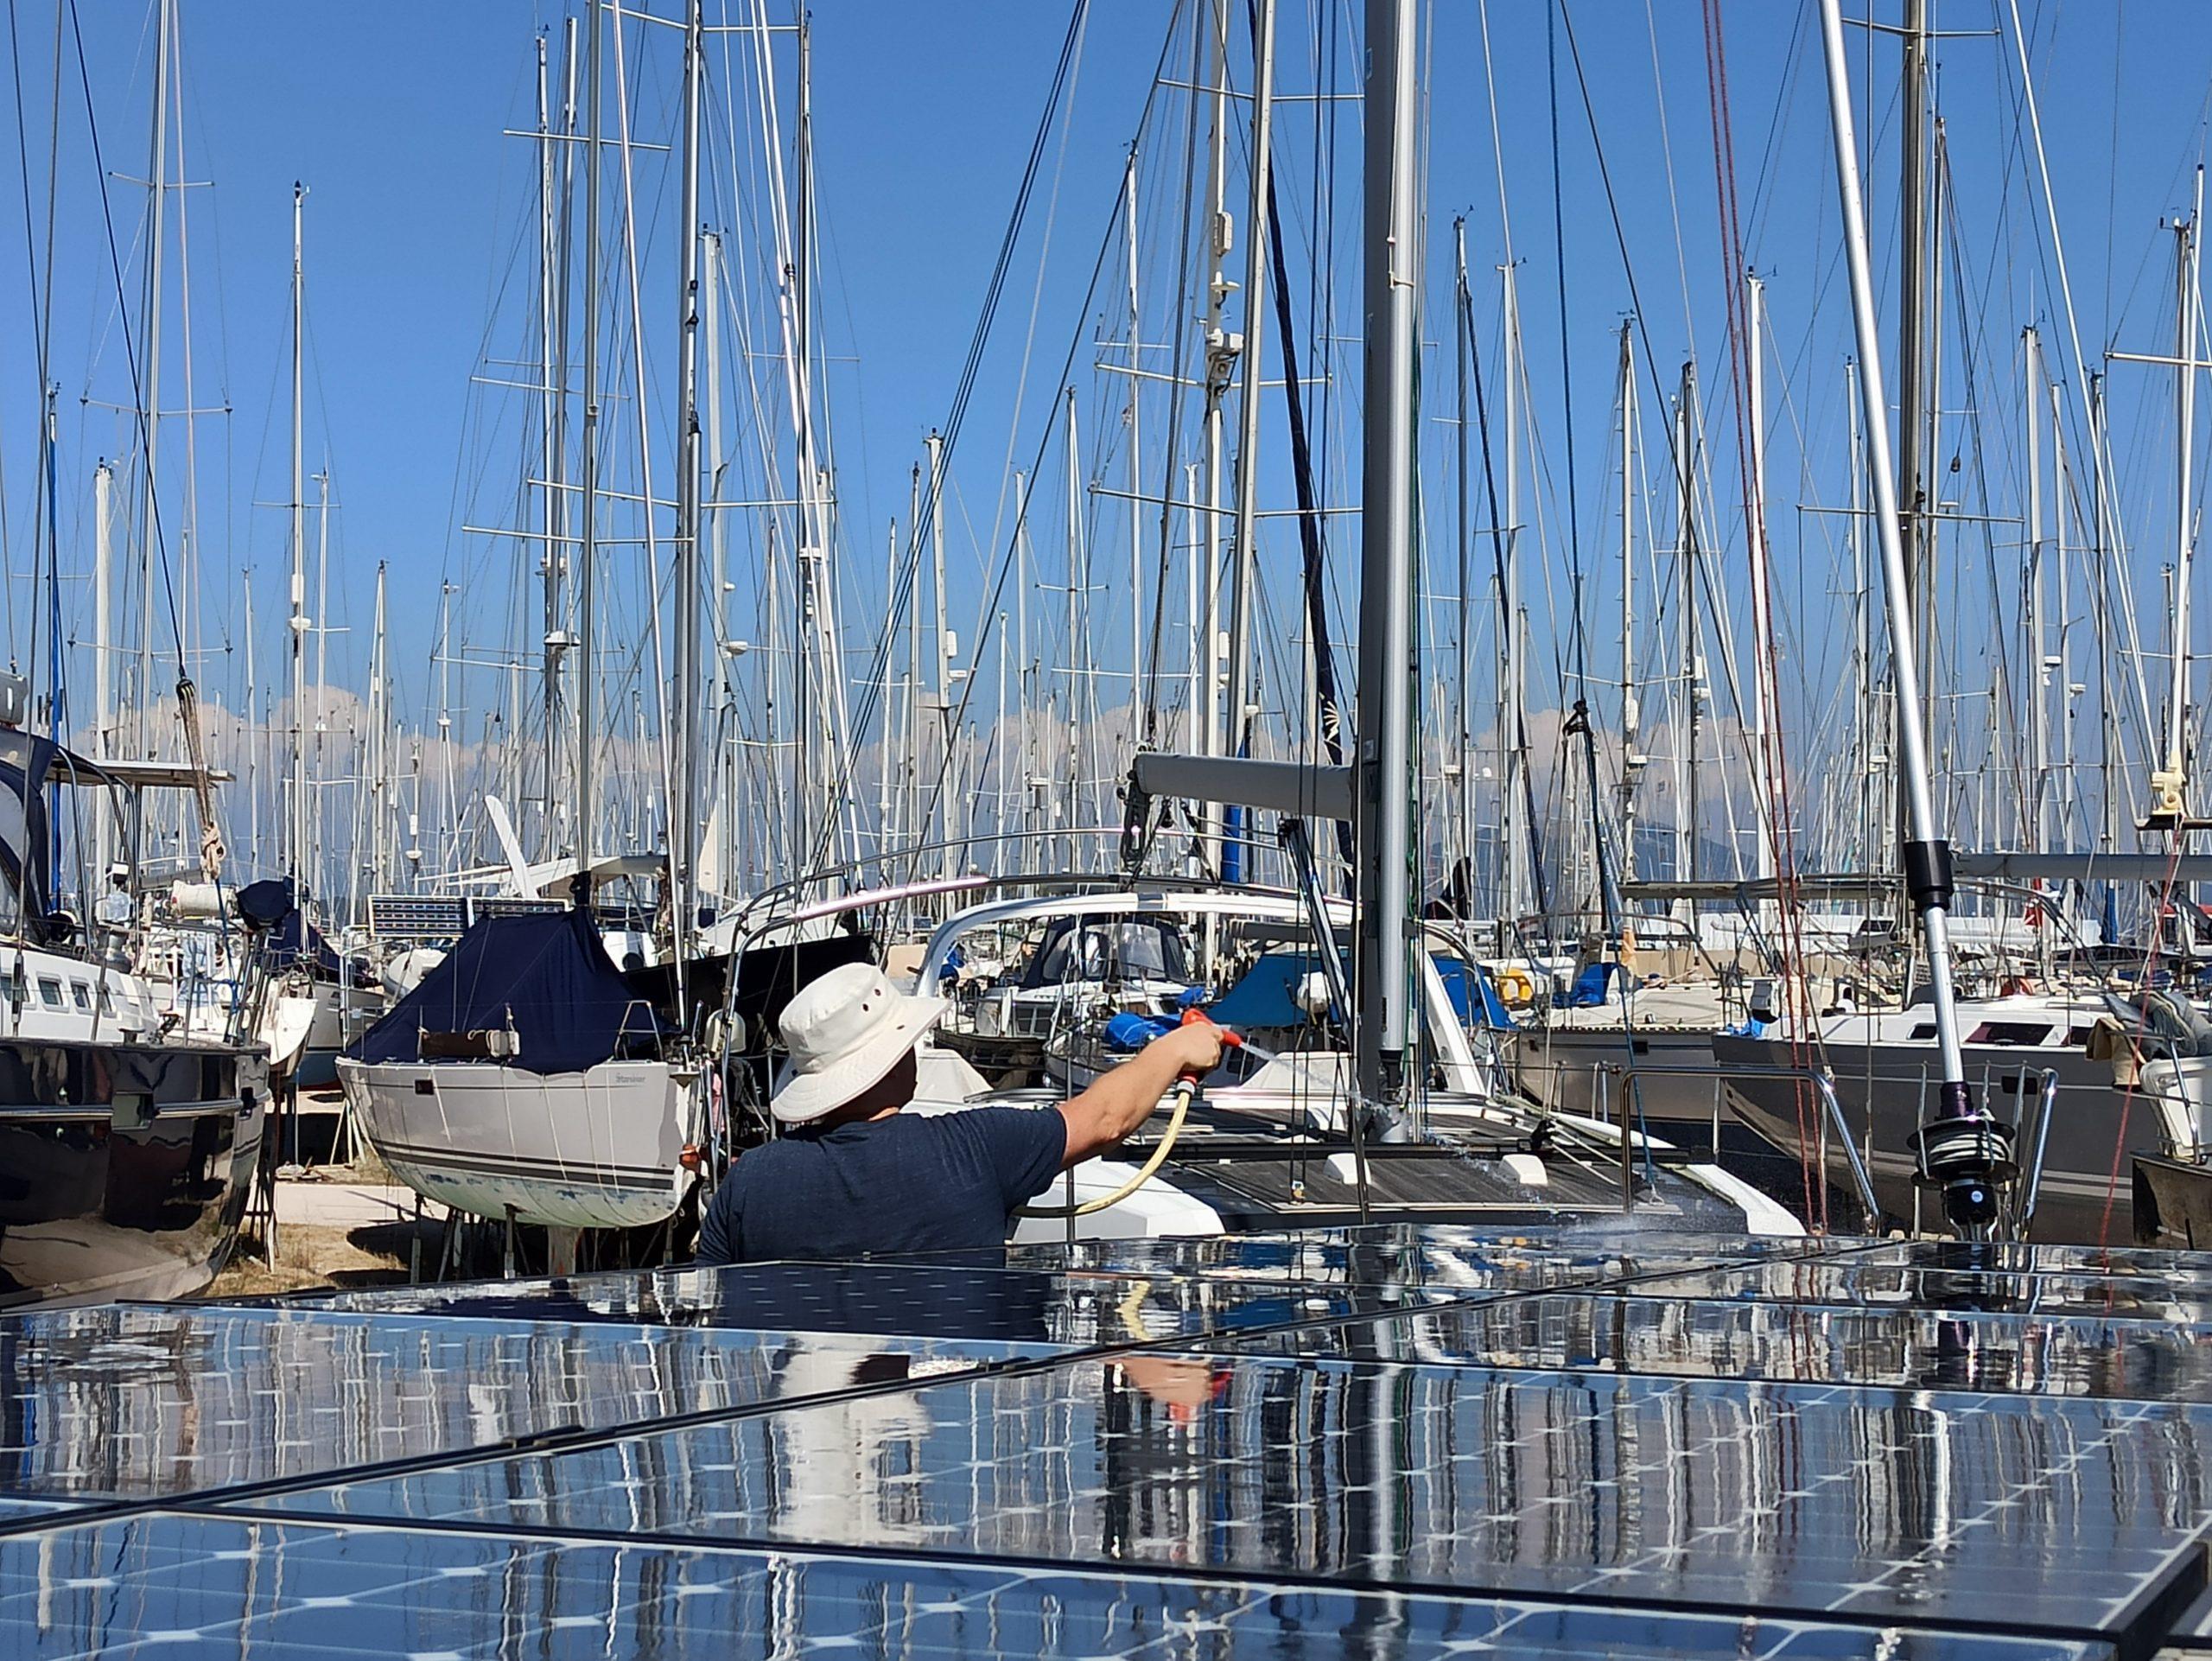 Beim Putzen der Solarpaneele